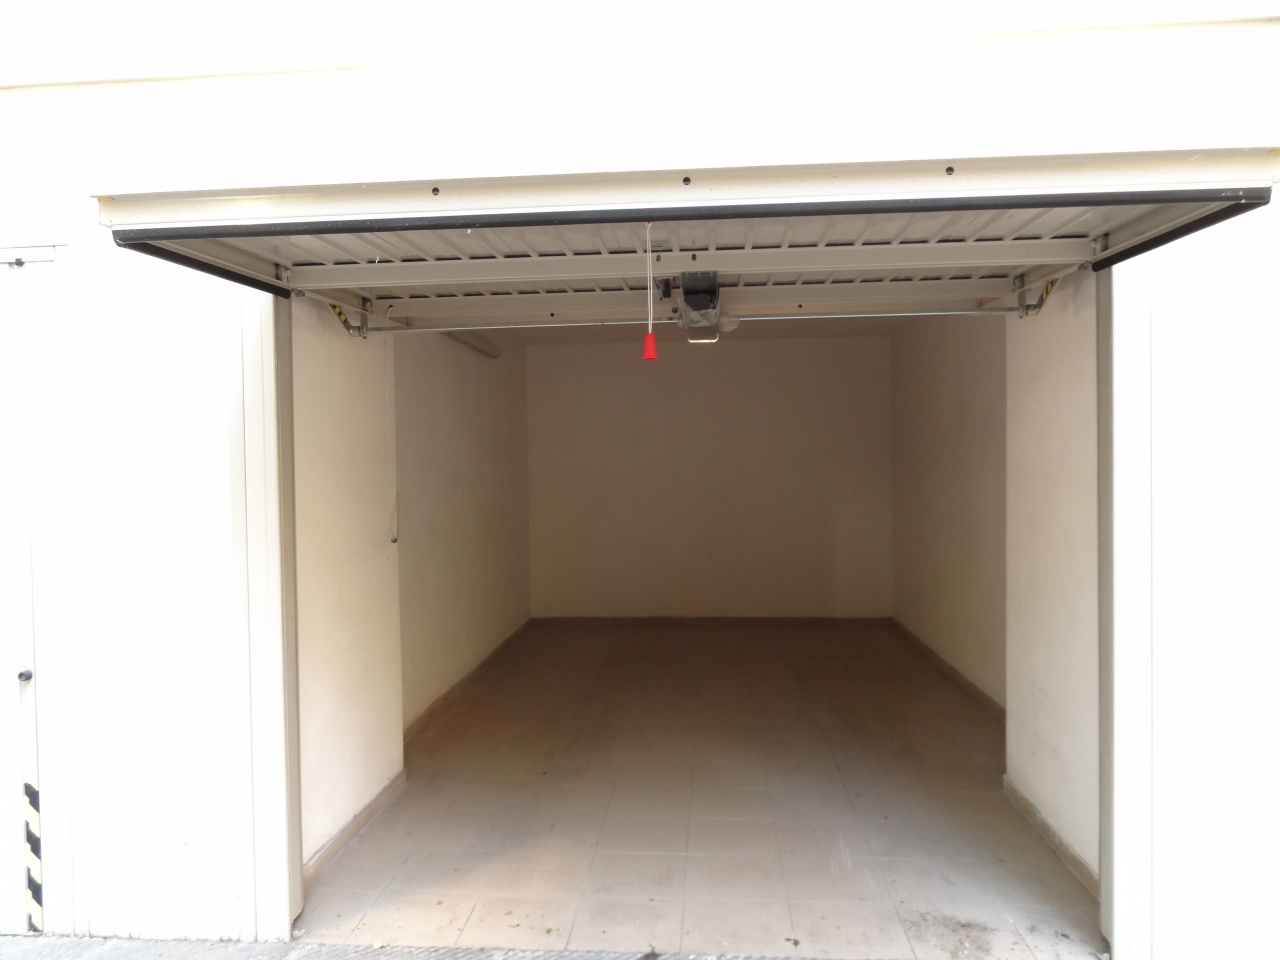 VIALE MILTON adiacenze (via Poliziano) affittiamo comodo box auto di recente costruzione con apertura automatizzata e facile accesso.